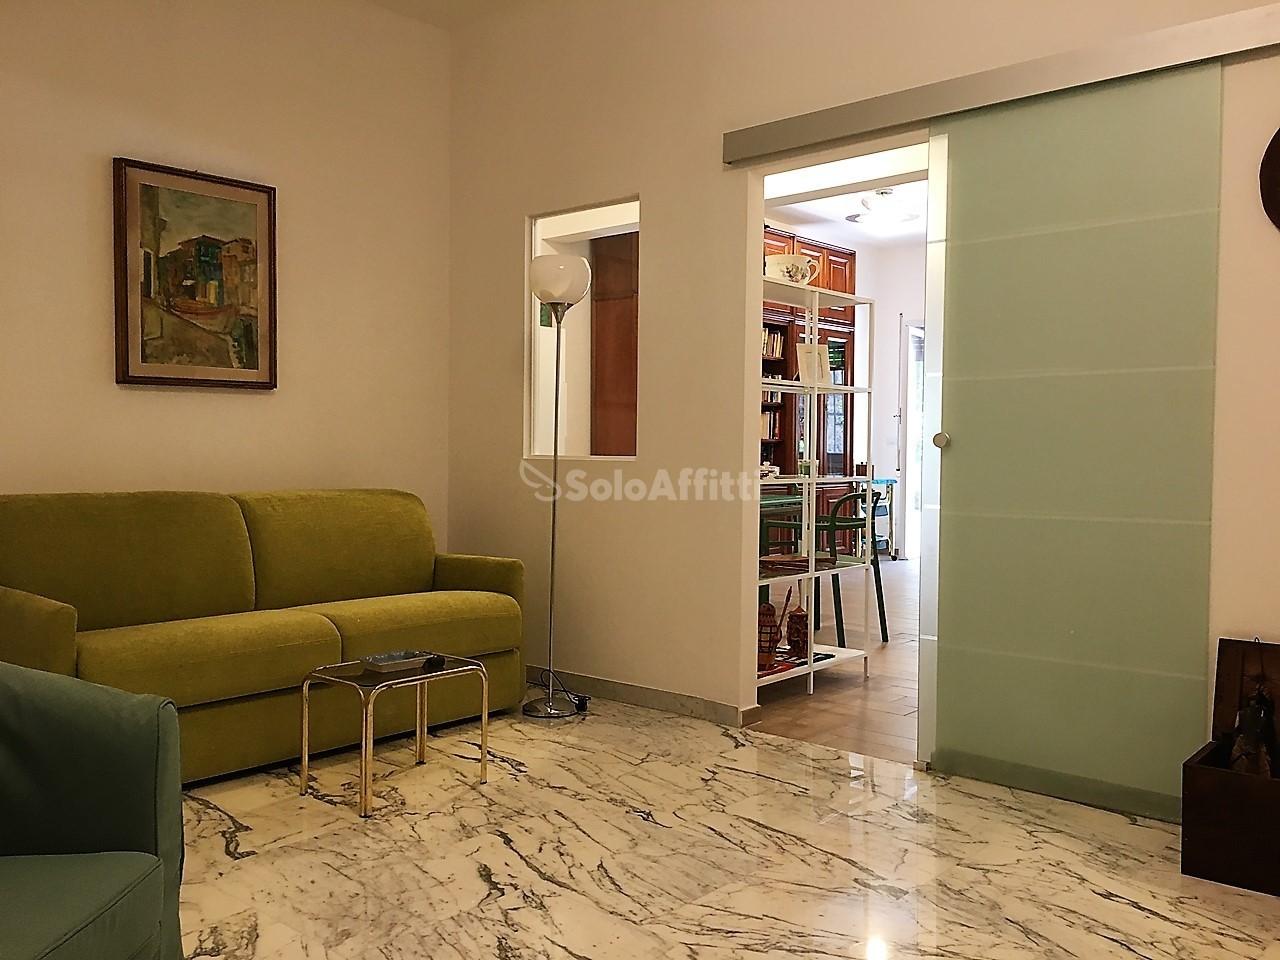 ingresso / area tv